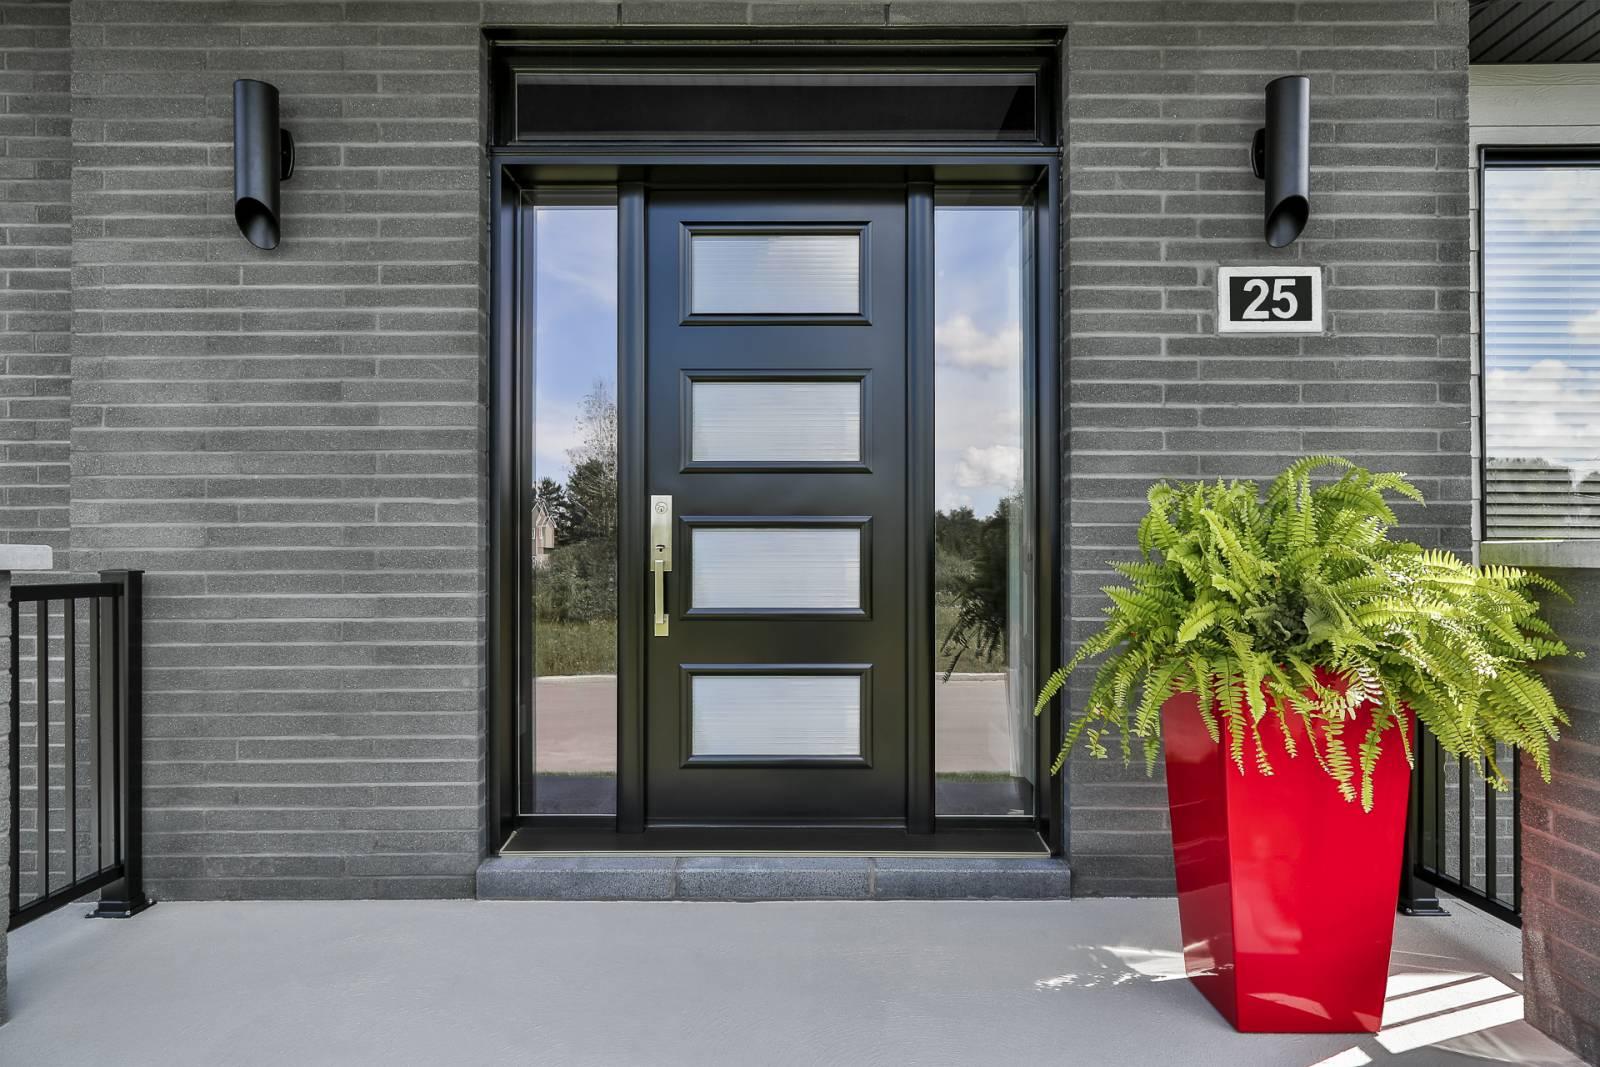 Ange gardien portes et fen tres d 39 aujourd 39 hui for Installateur de porte et fenetre